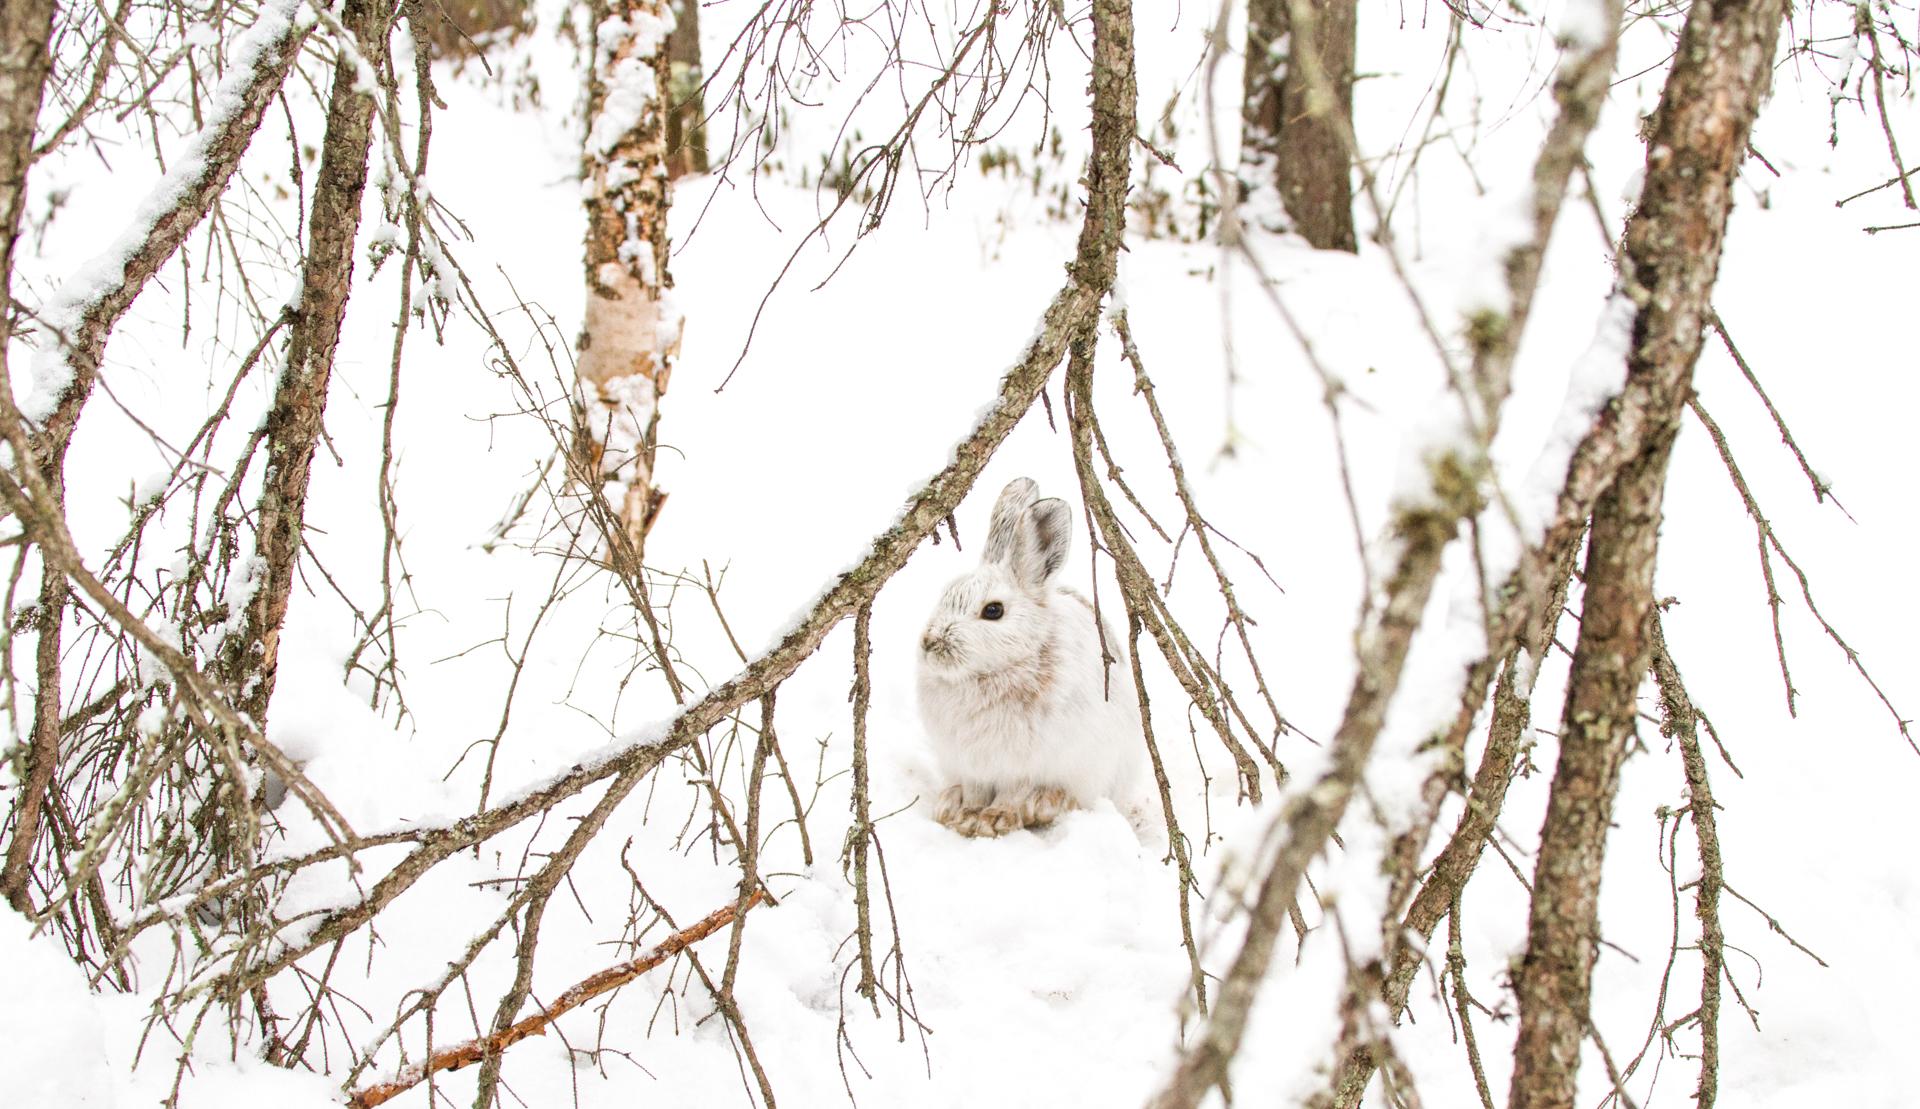 Snowshoe Hare Warren Nelson Memorial Bog Sax-Zim Bog MN IMG_0833